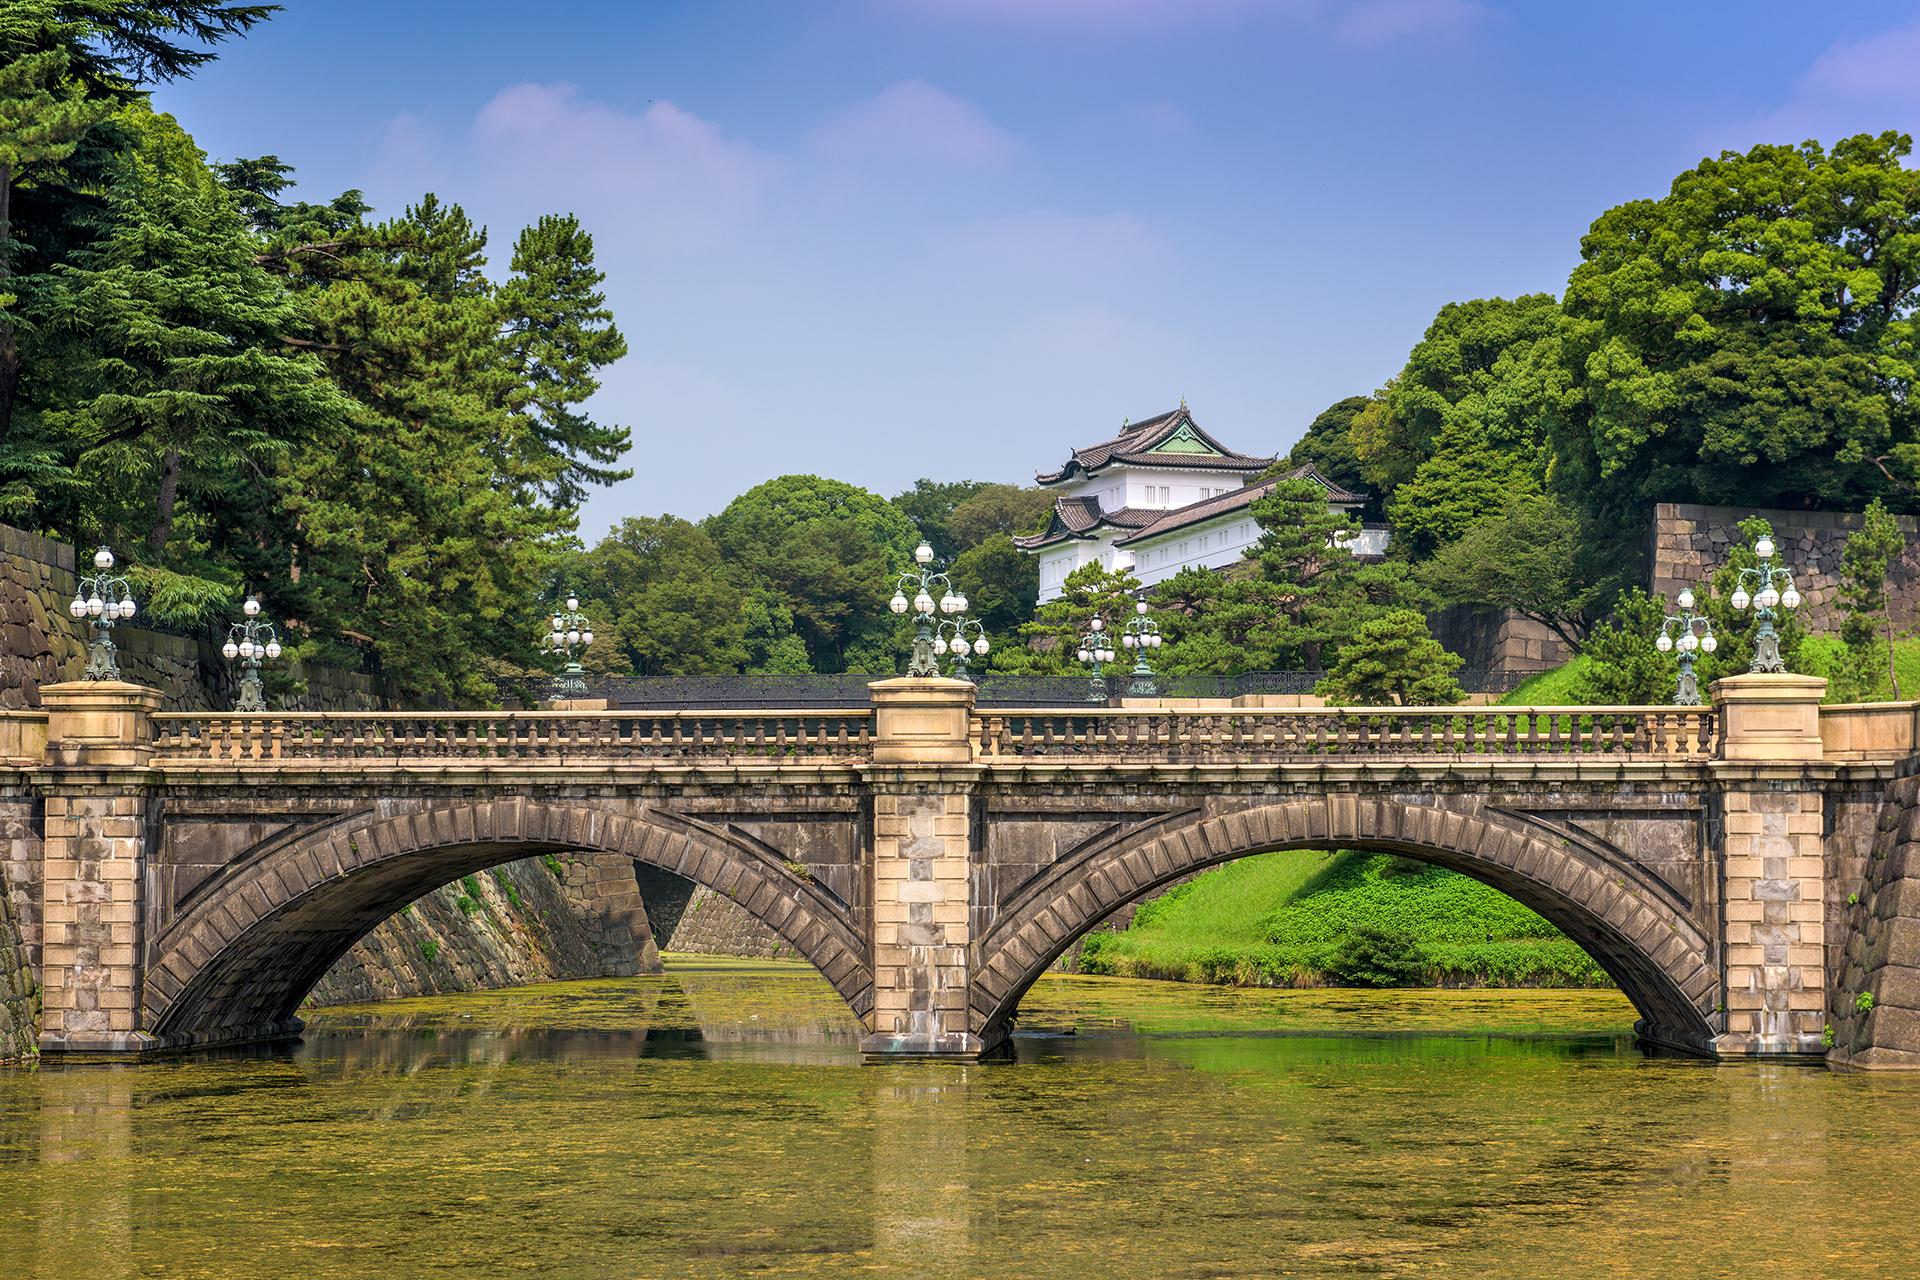 El Palacio Imperial será uno de los escenarios olímpicos de Tokio 2020. La competición de marcha tiene lugar en el parque del Palacio Imperial